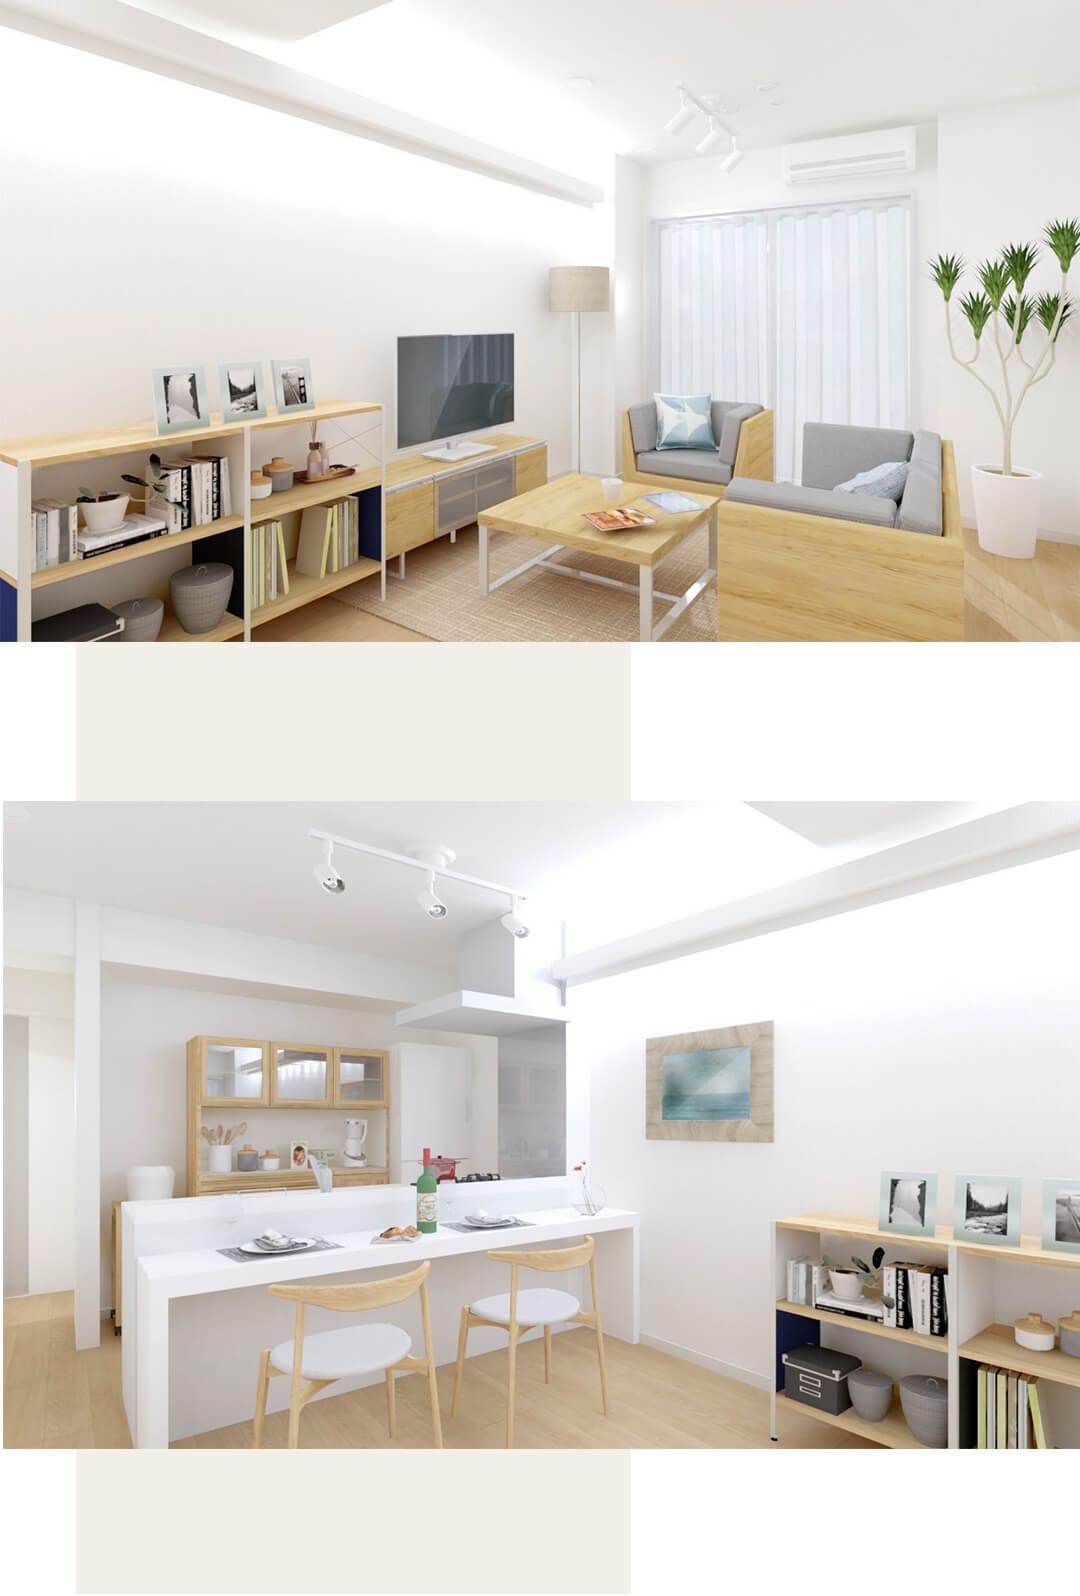 五反田ロイヤルハイツの内装事例